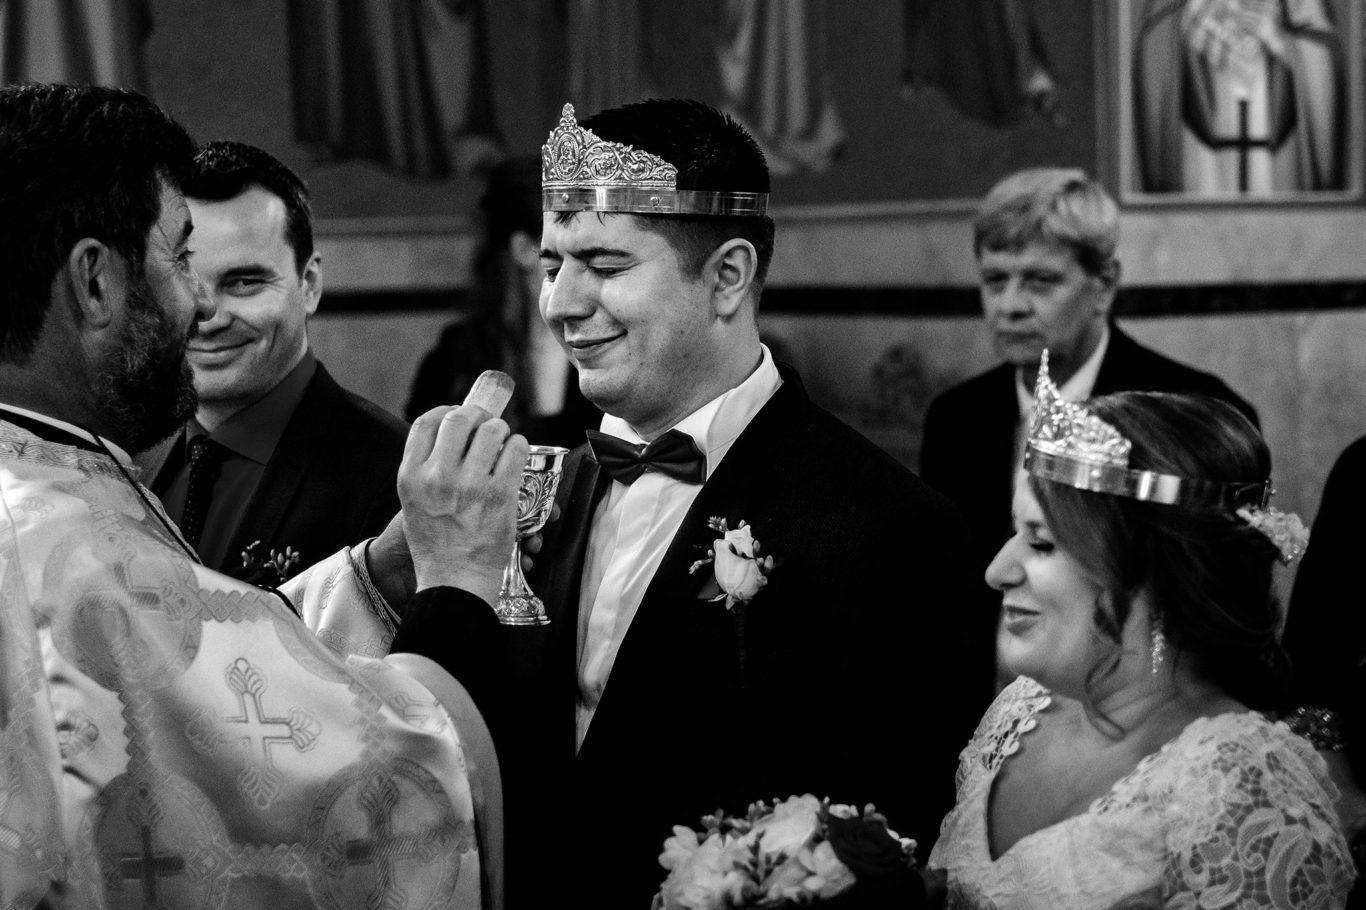 0152-Fotografie-nunta-Flory-Cristi-fotograf-Ciprian-Dumitrescu-DSCF7885